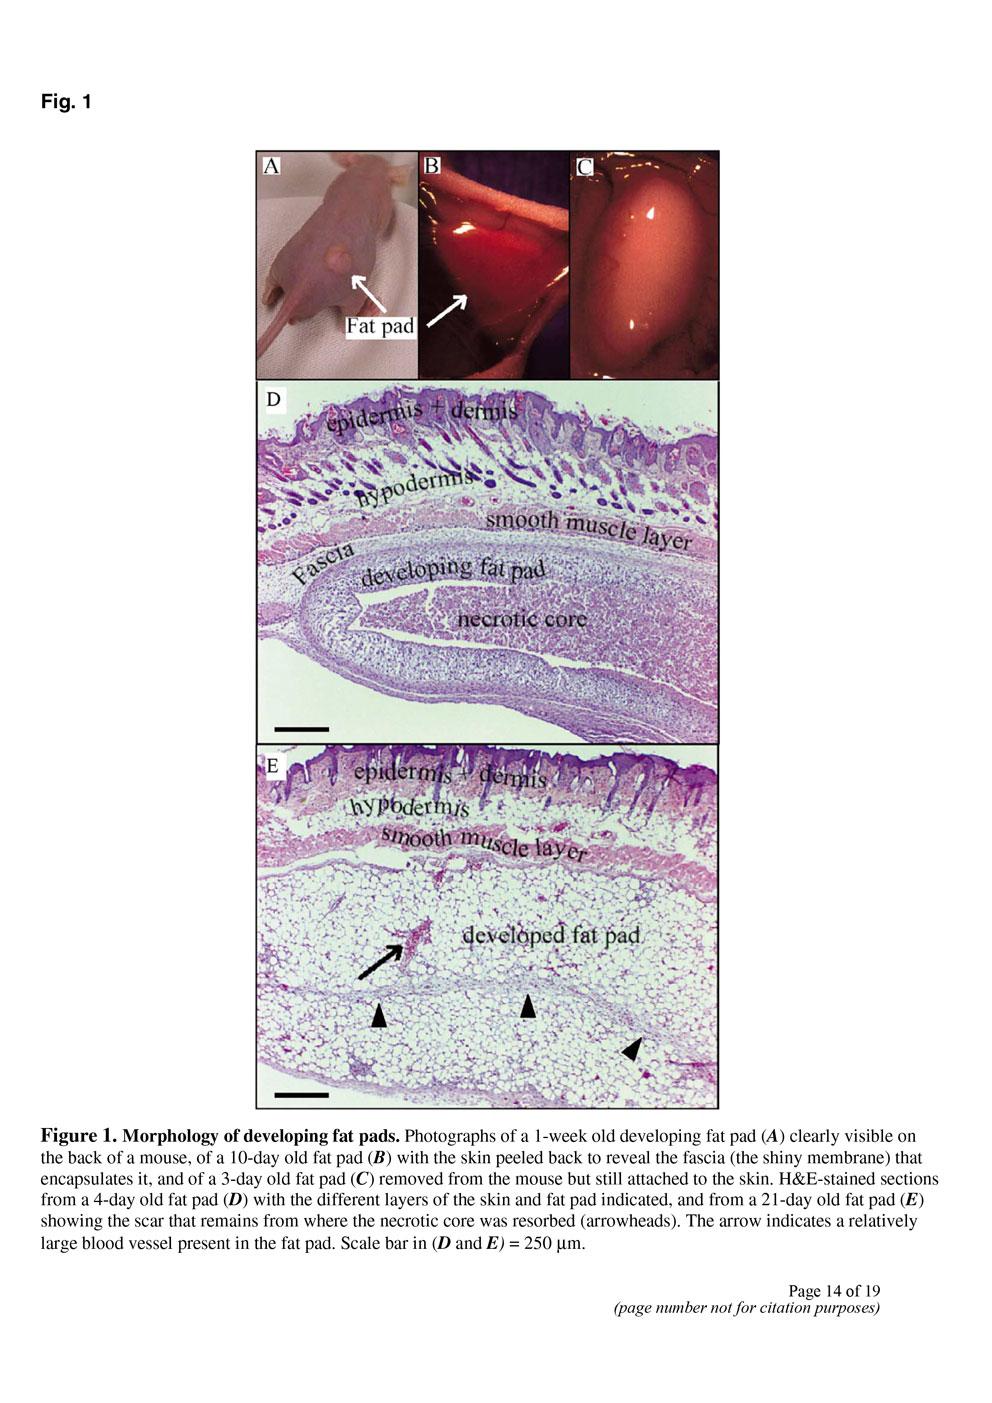 脂肪組織と血管新生の関係 P14